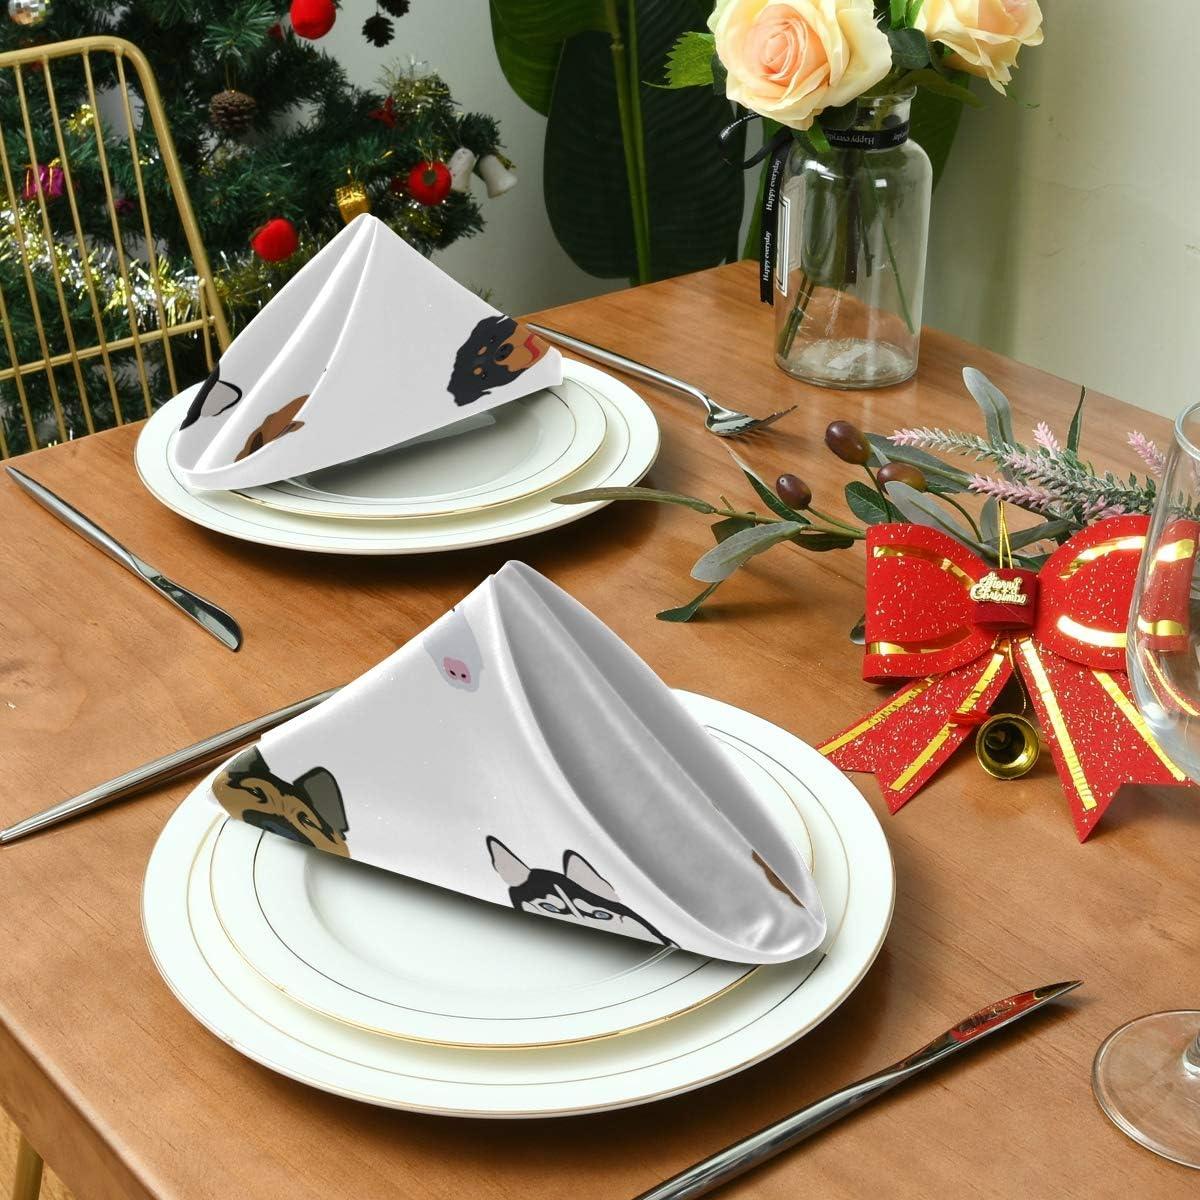 JIRT Serviettes en Tissu /à Motif Animal Mignon Lavable D/îner en Douceur R/éutilisable Table Party